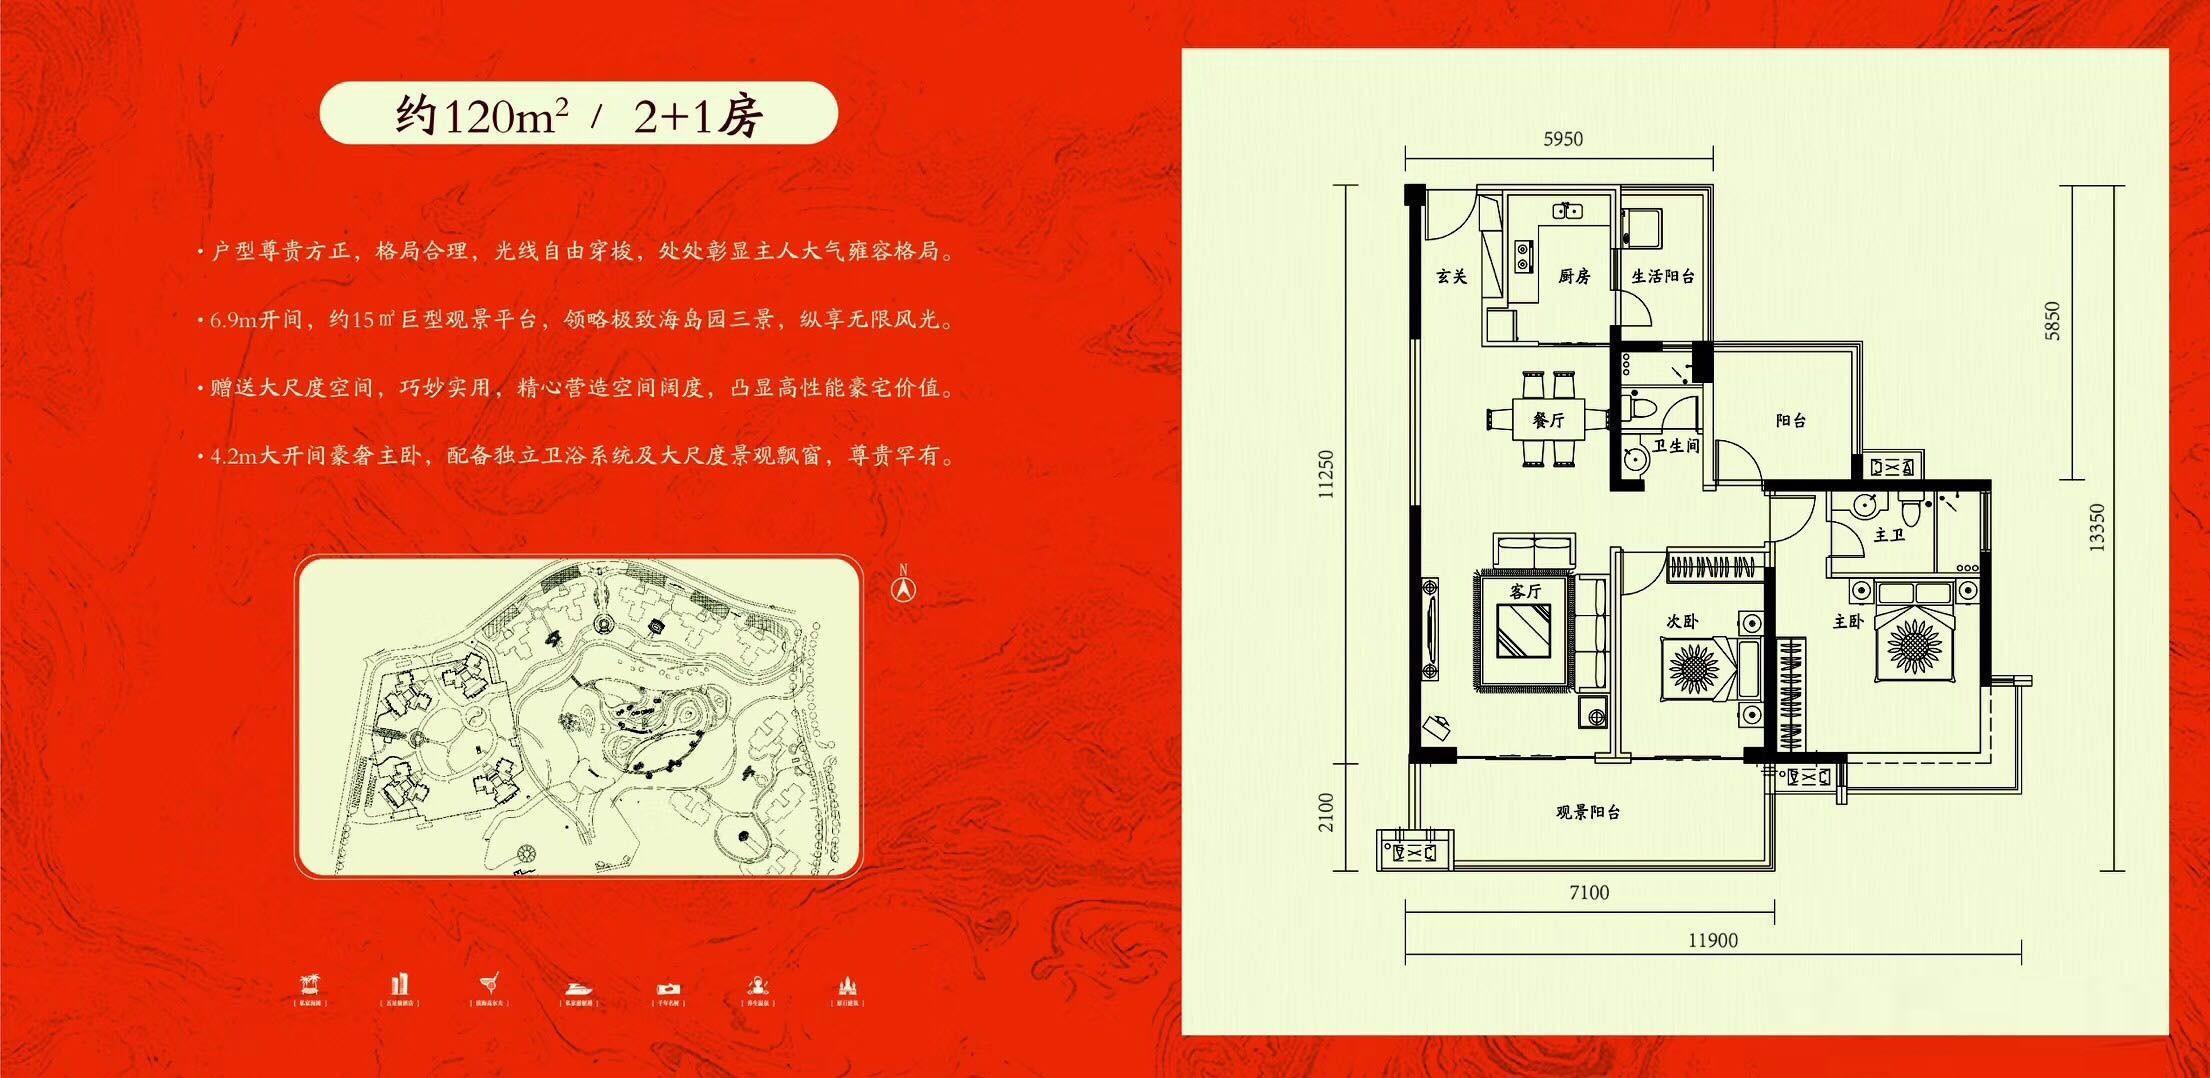 桃花岛2+1房约120平